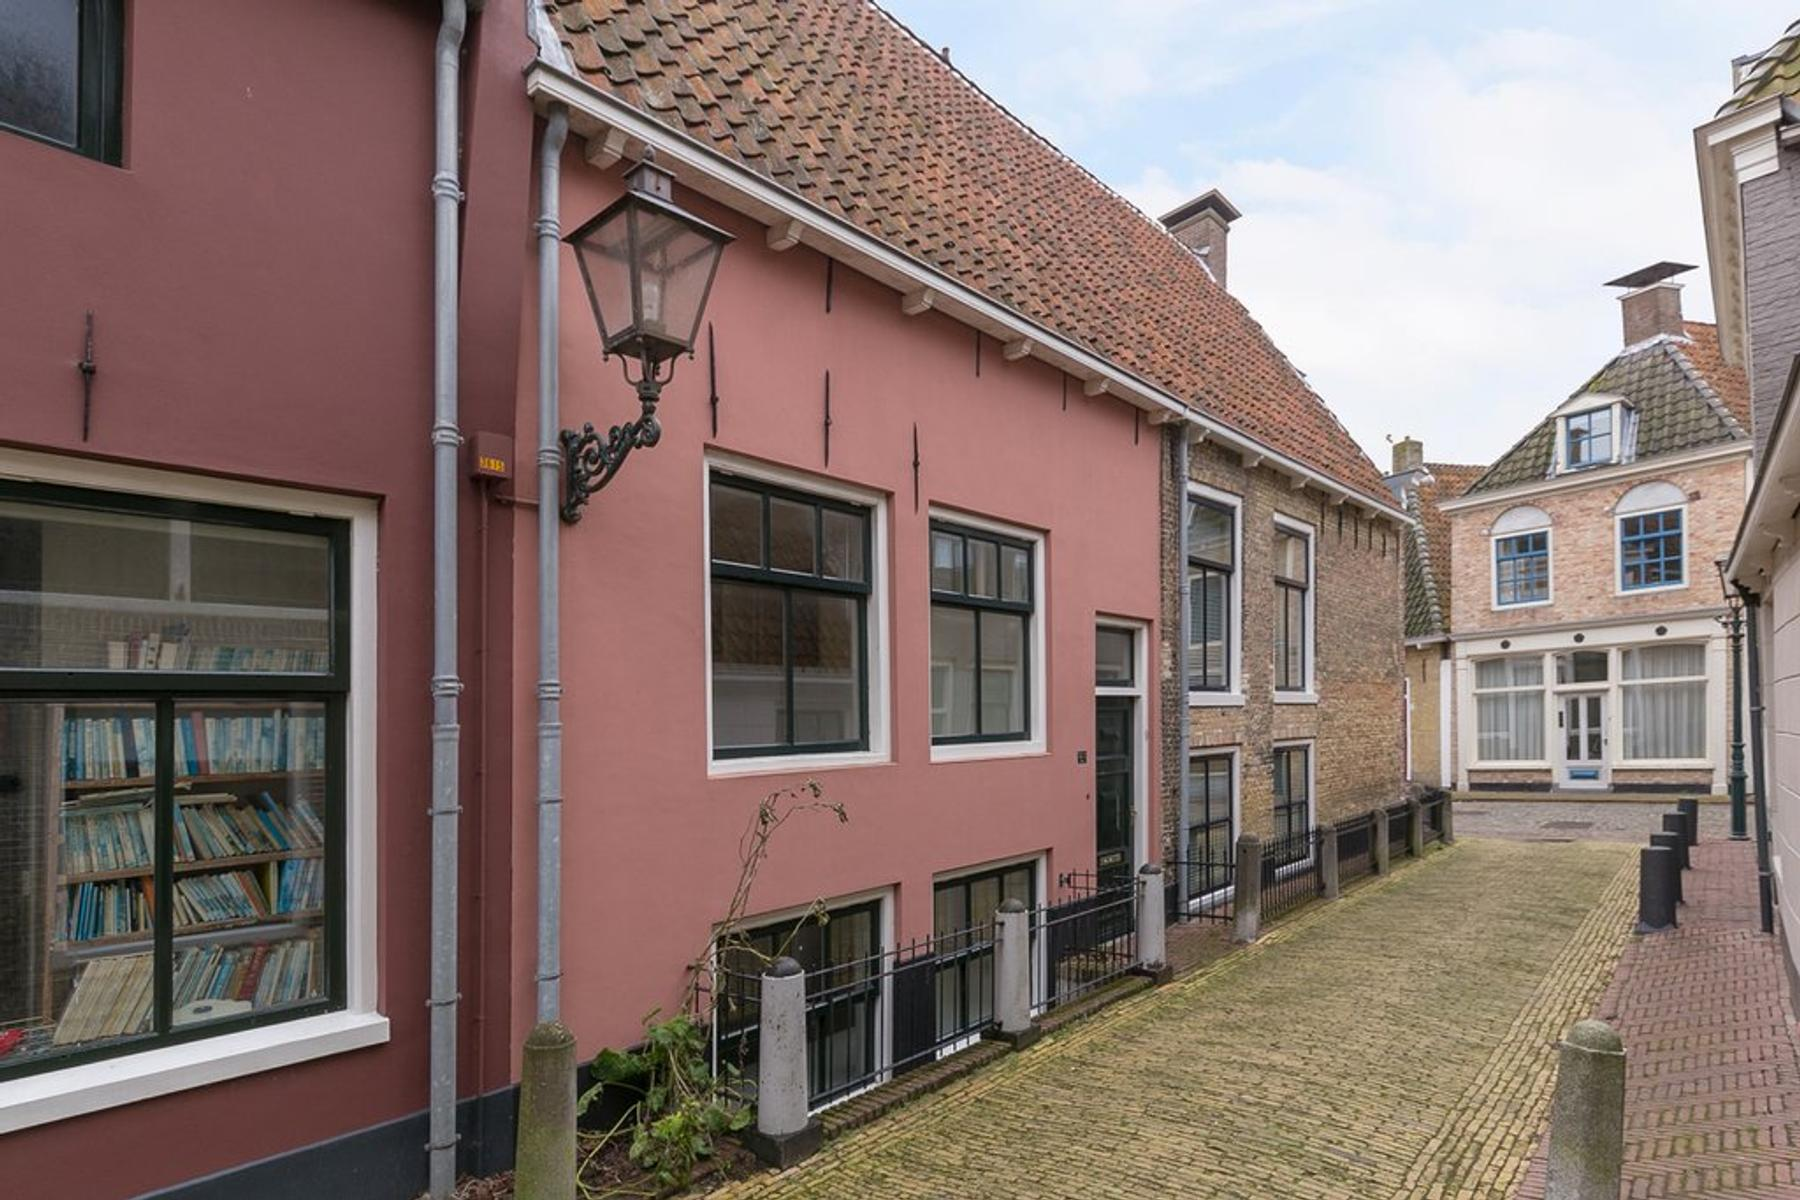 Kleine Kerkstraat 9 in Harlingen 8861 BP